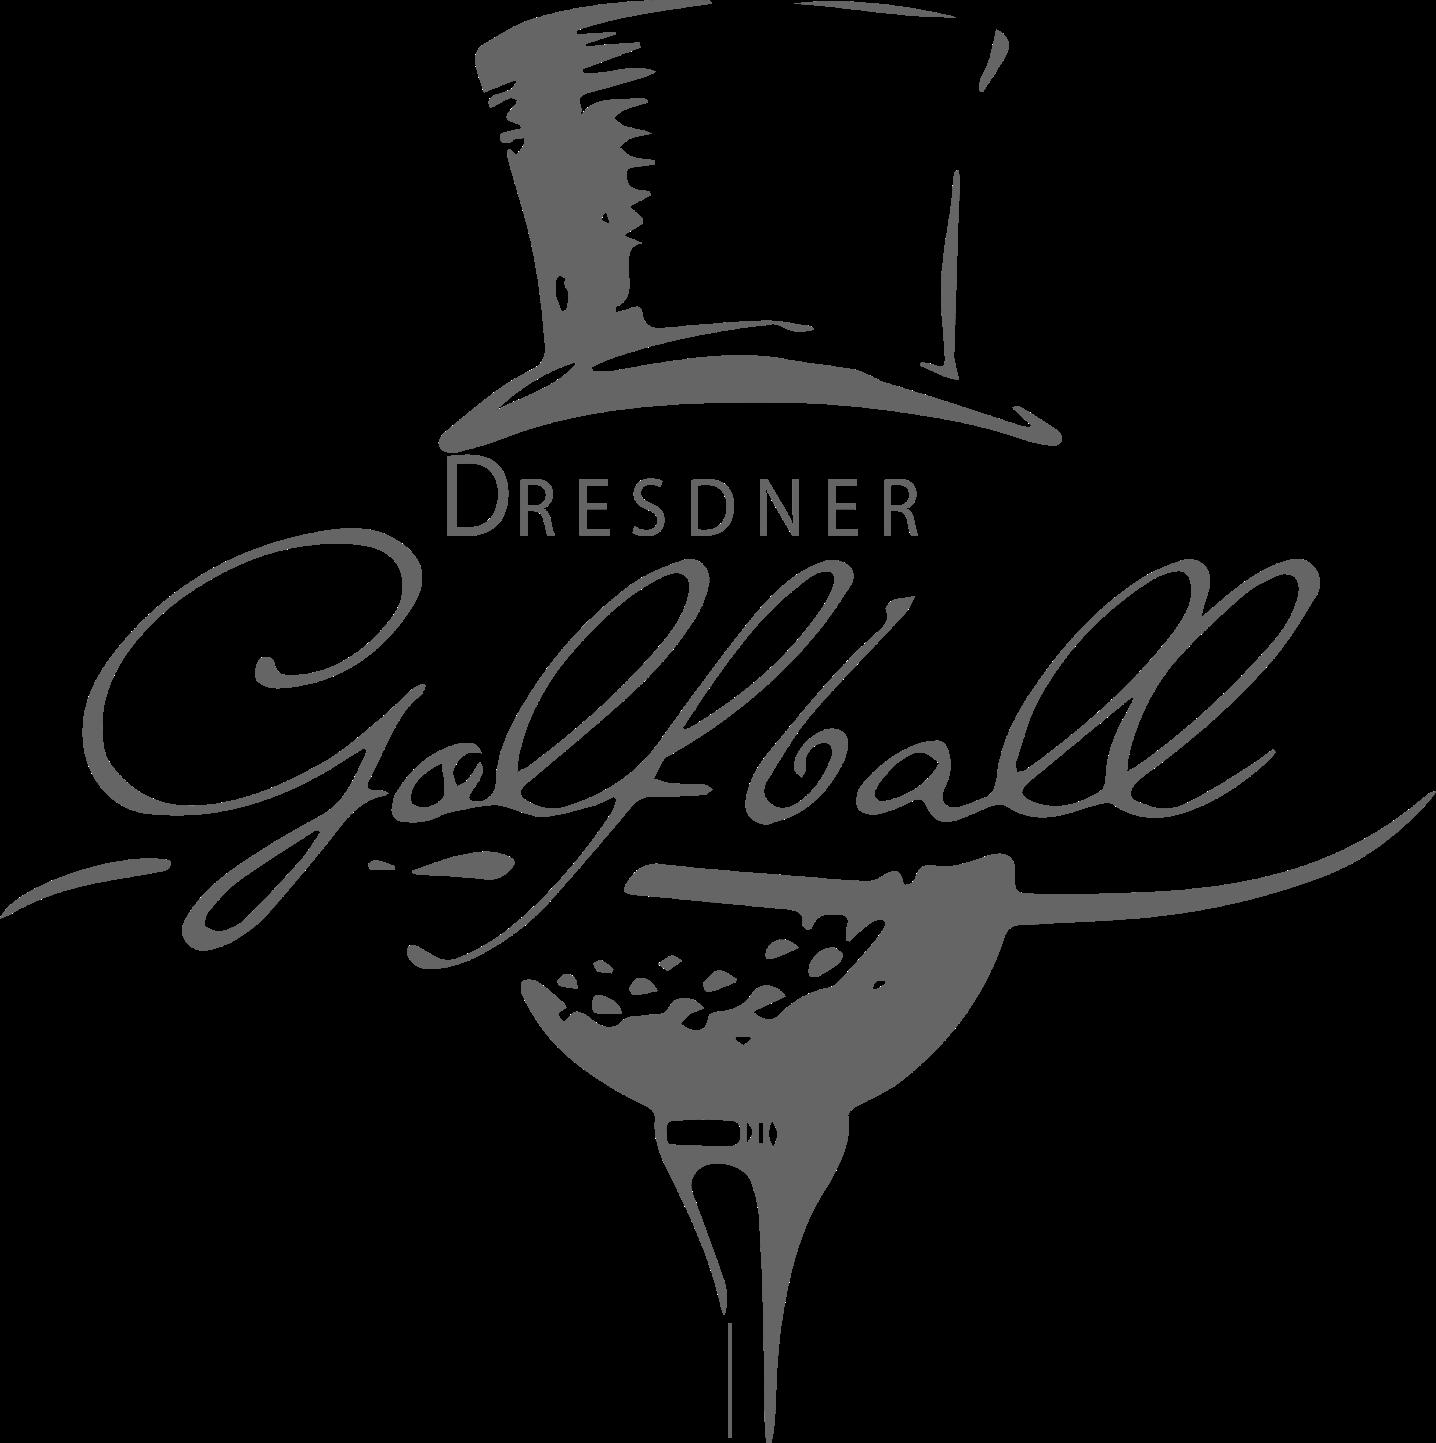 Dresdner Golfball